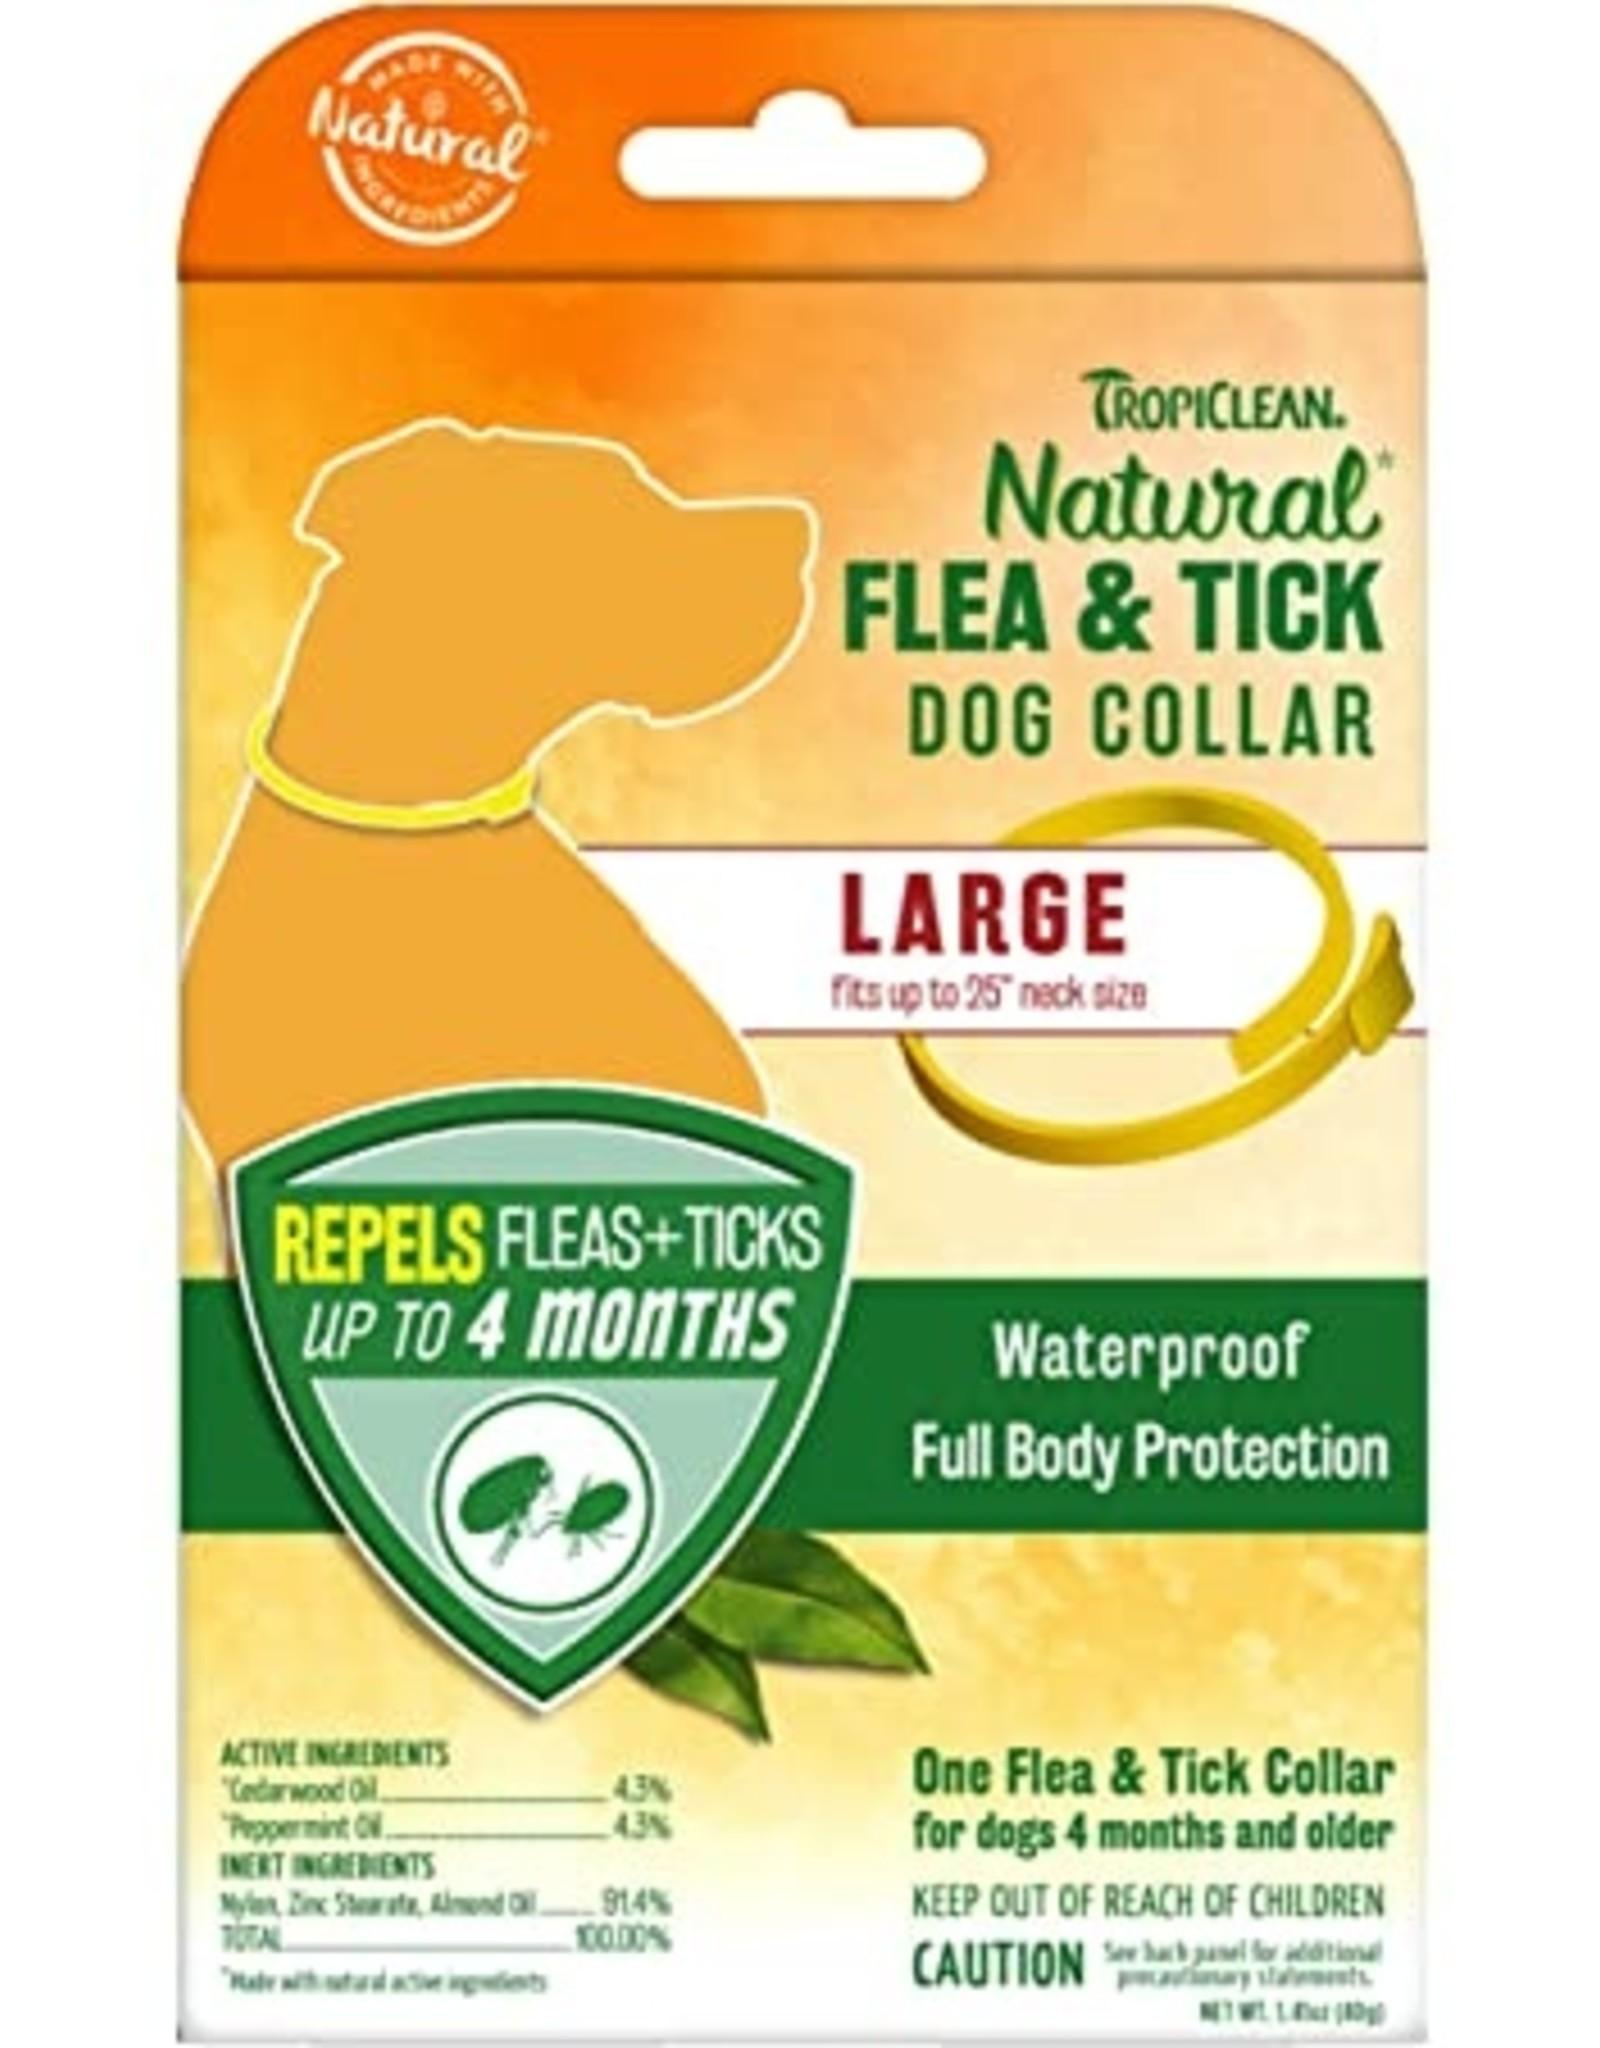 TropiClean Natural Flea & Tick Repellent Dog Collar - Large